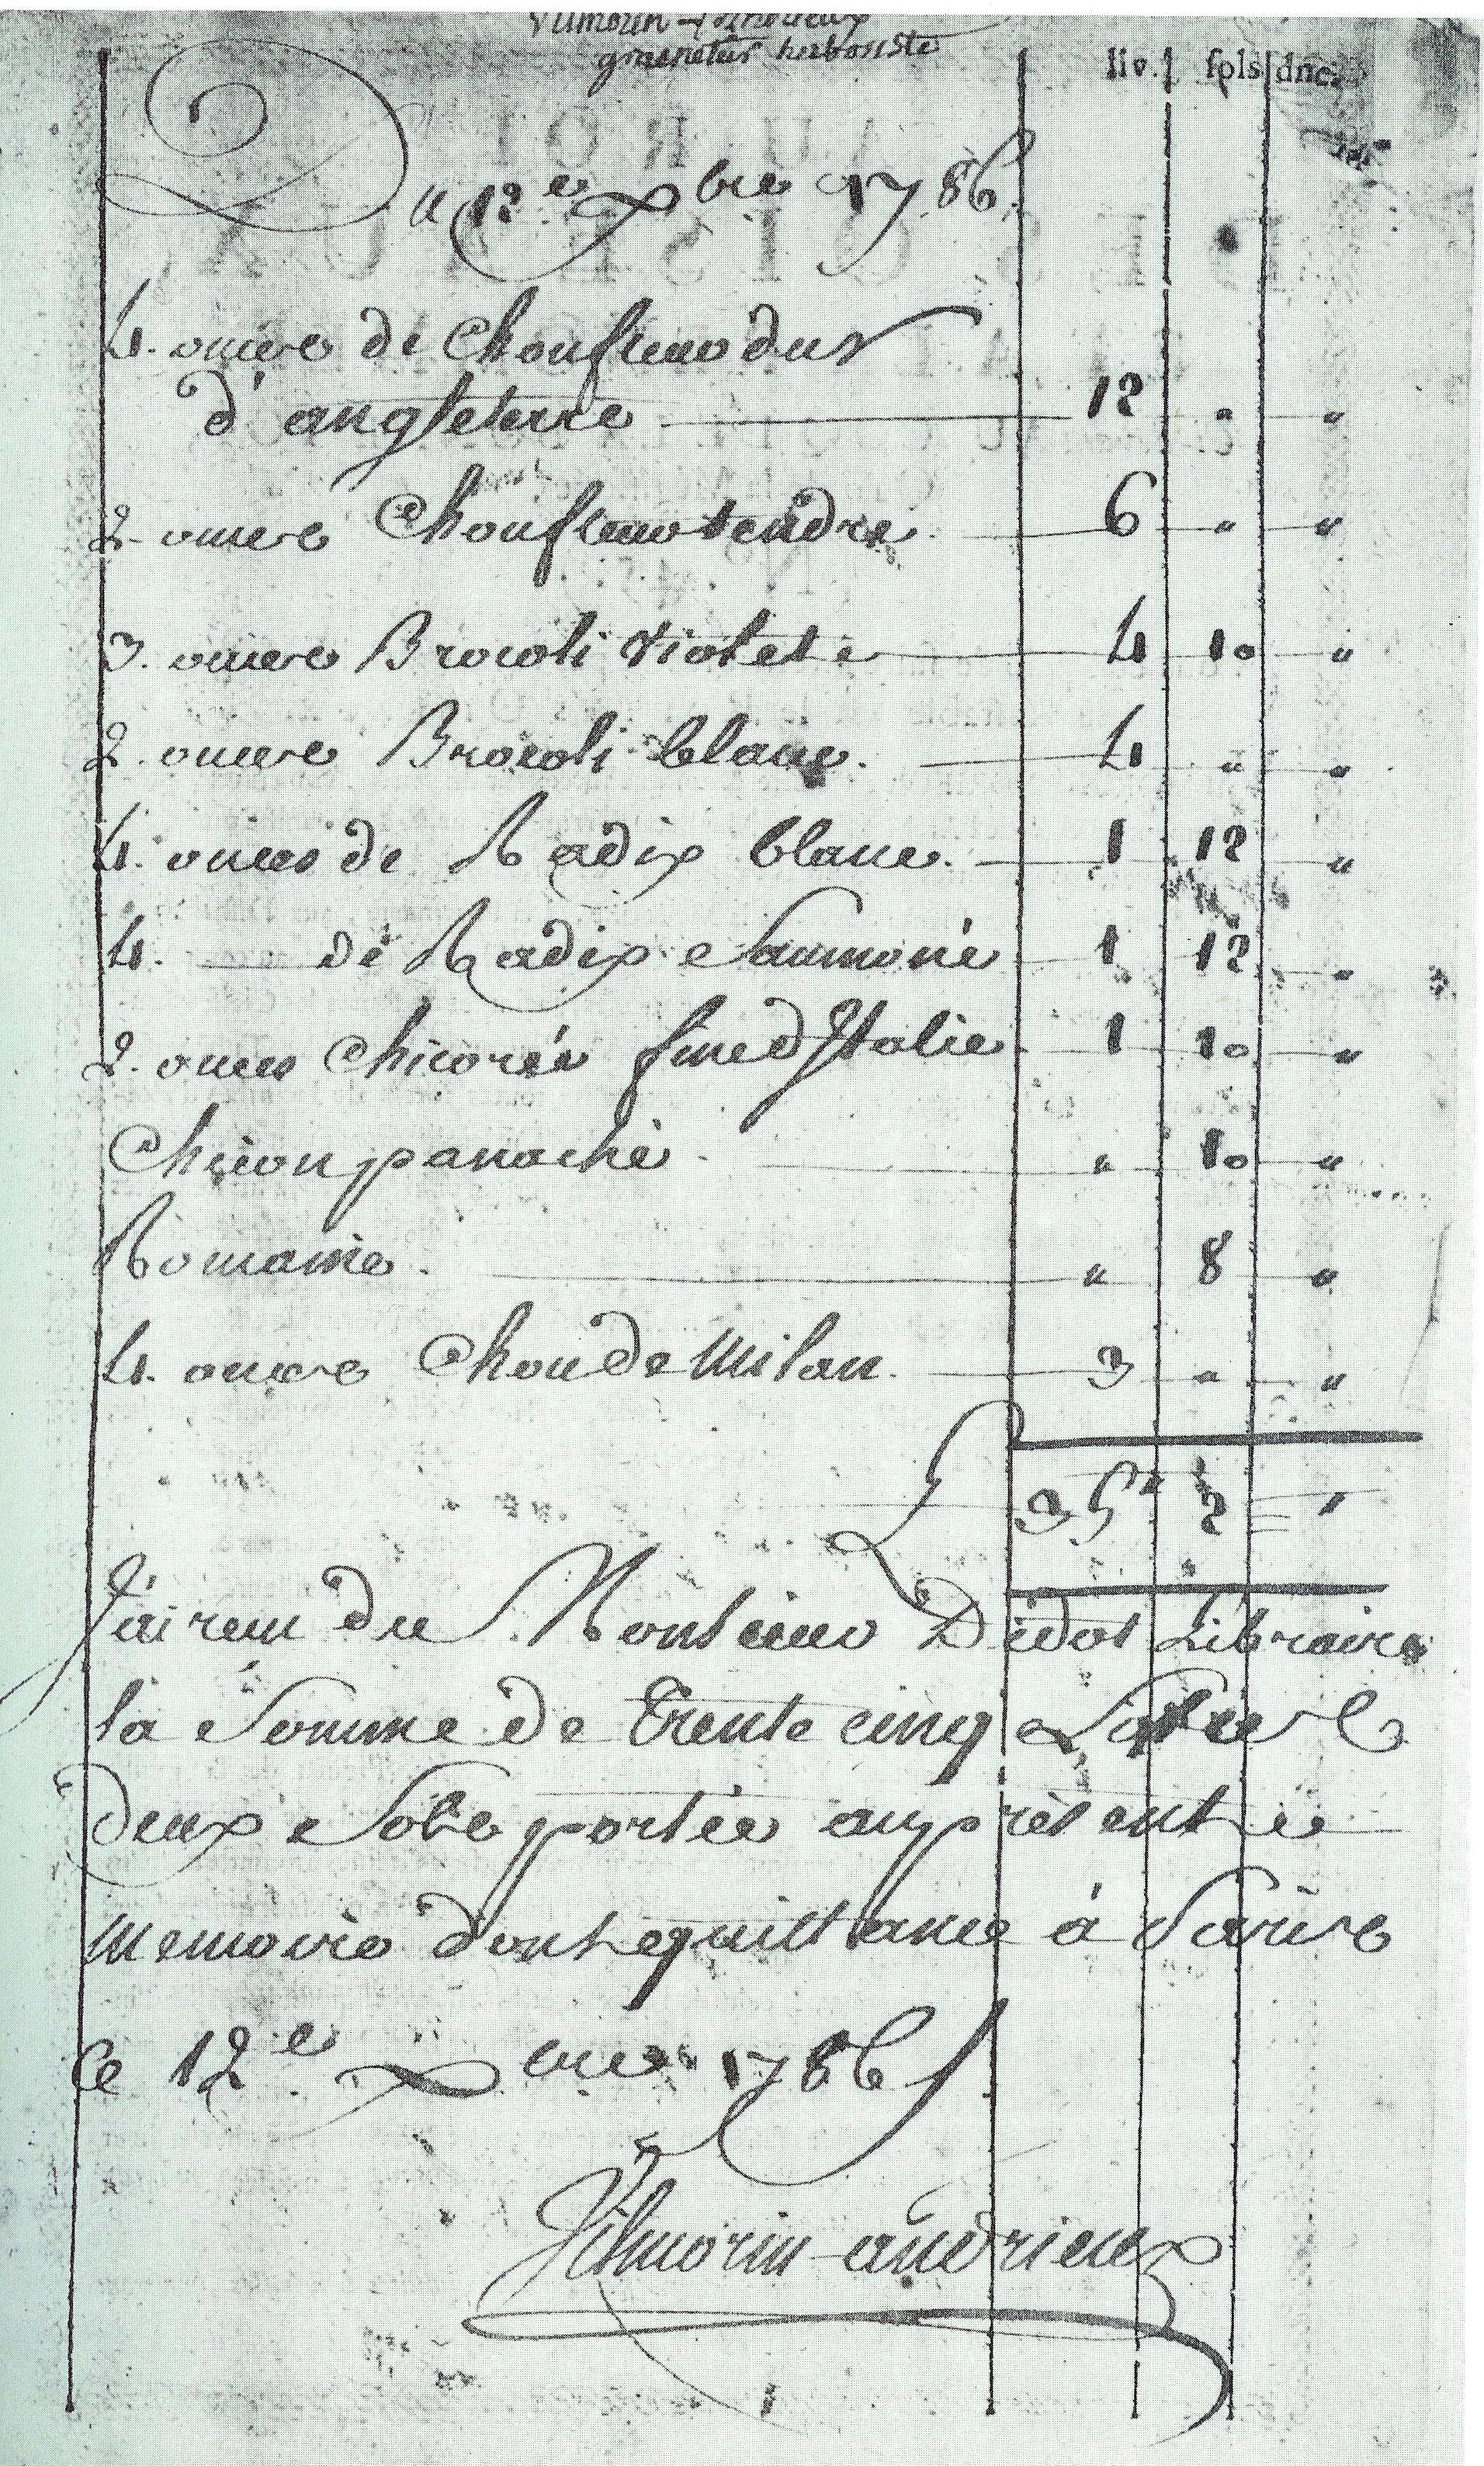 Facture de chou-fleur, chou, radis et chicorée, en date de 1786 - © D.R.